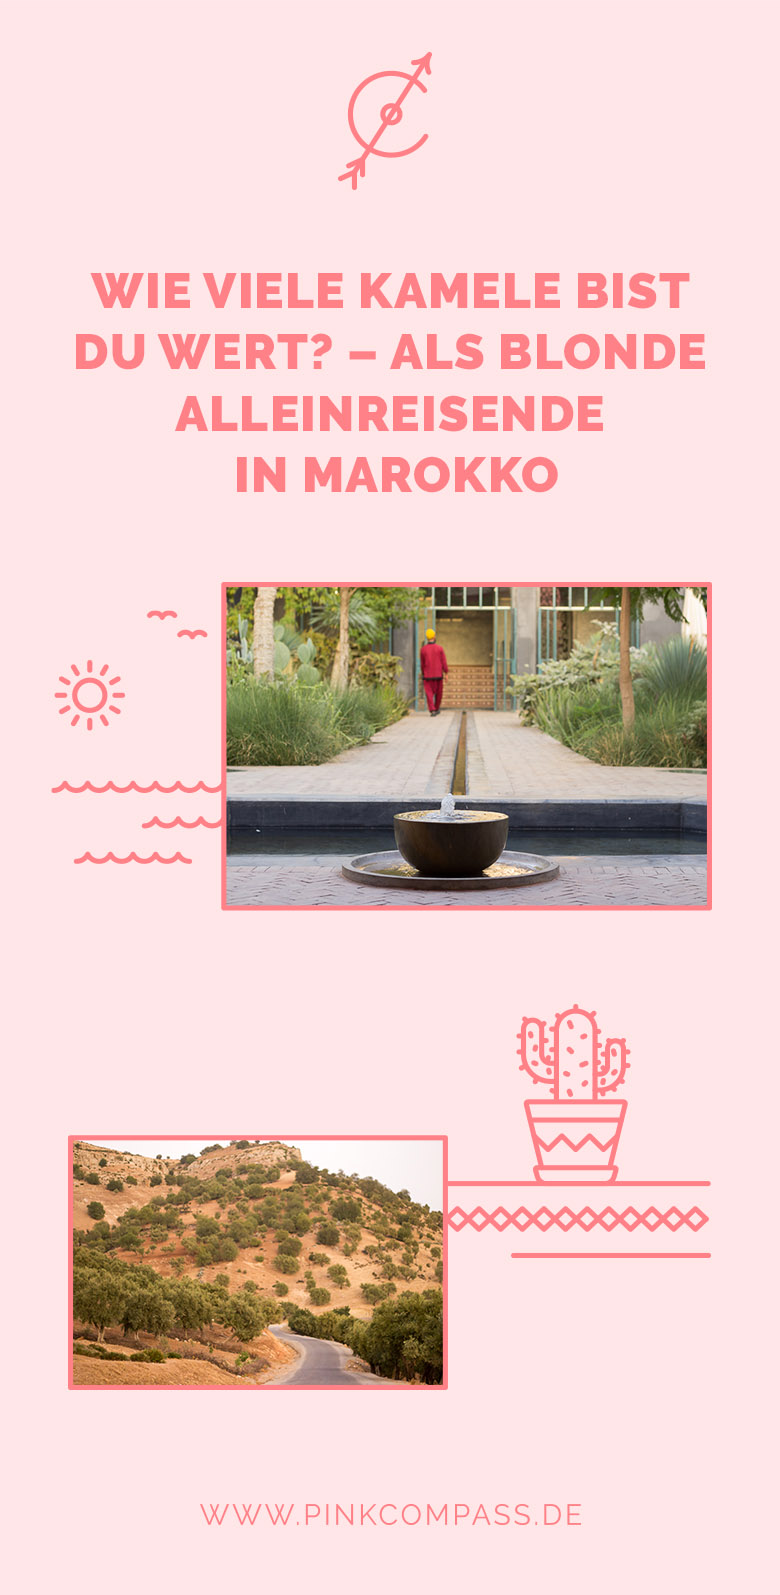 Marokko, alleine reisen als Frau